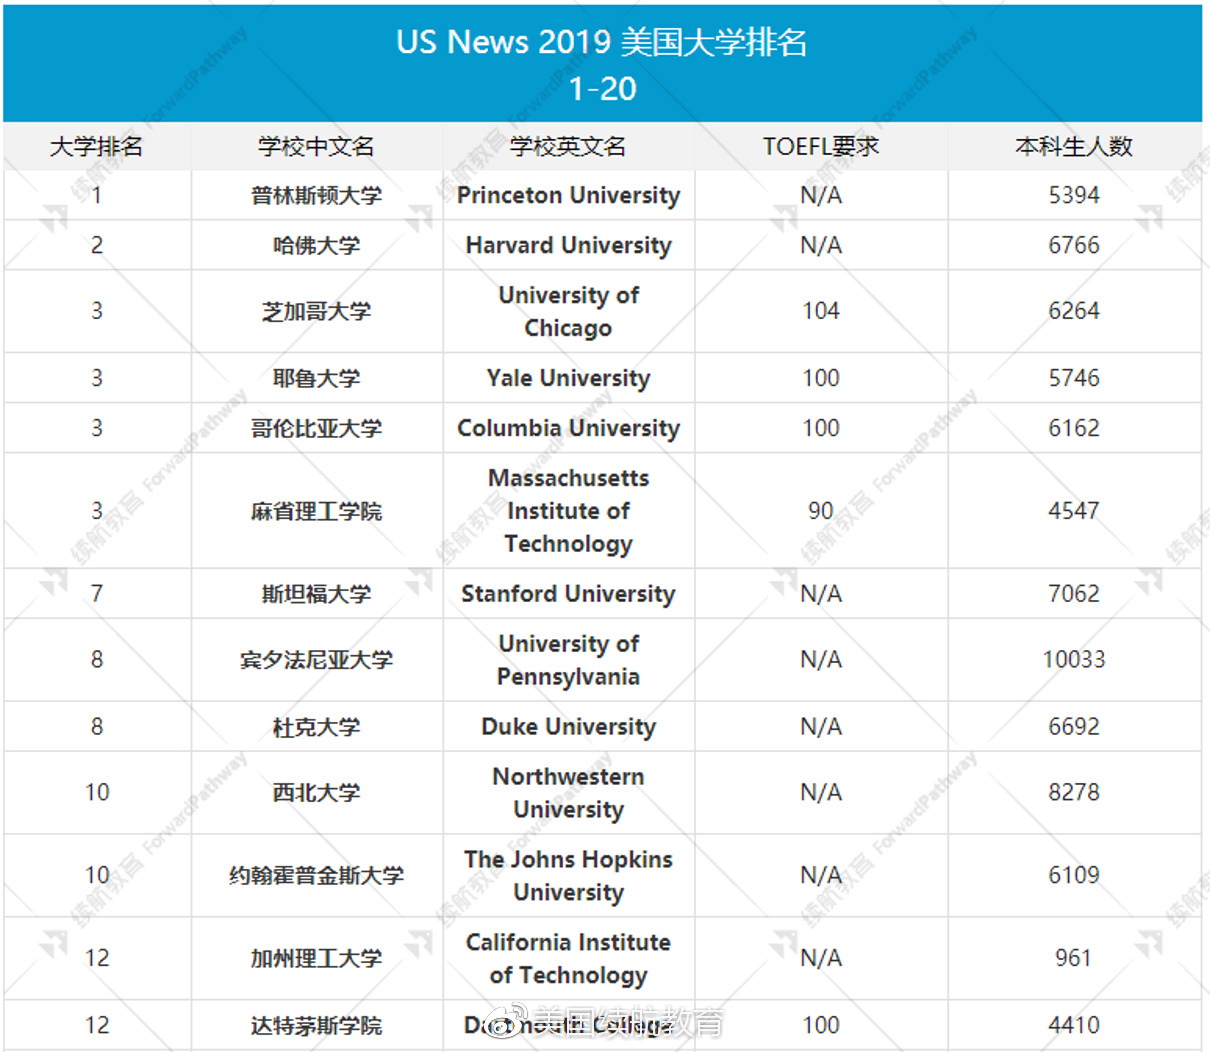 2019年度美国大学排行榜_盘点 2011年度教书育人楷模